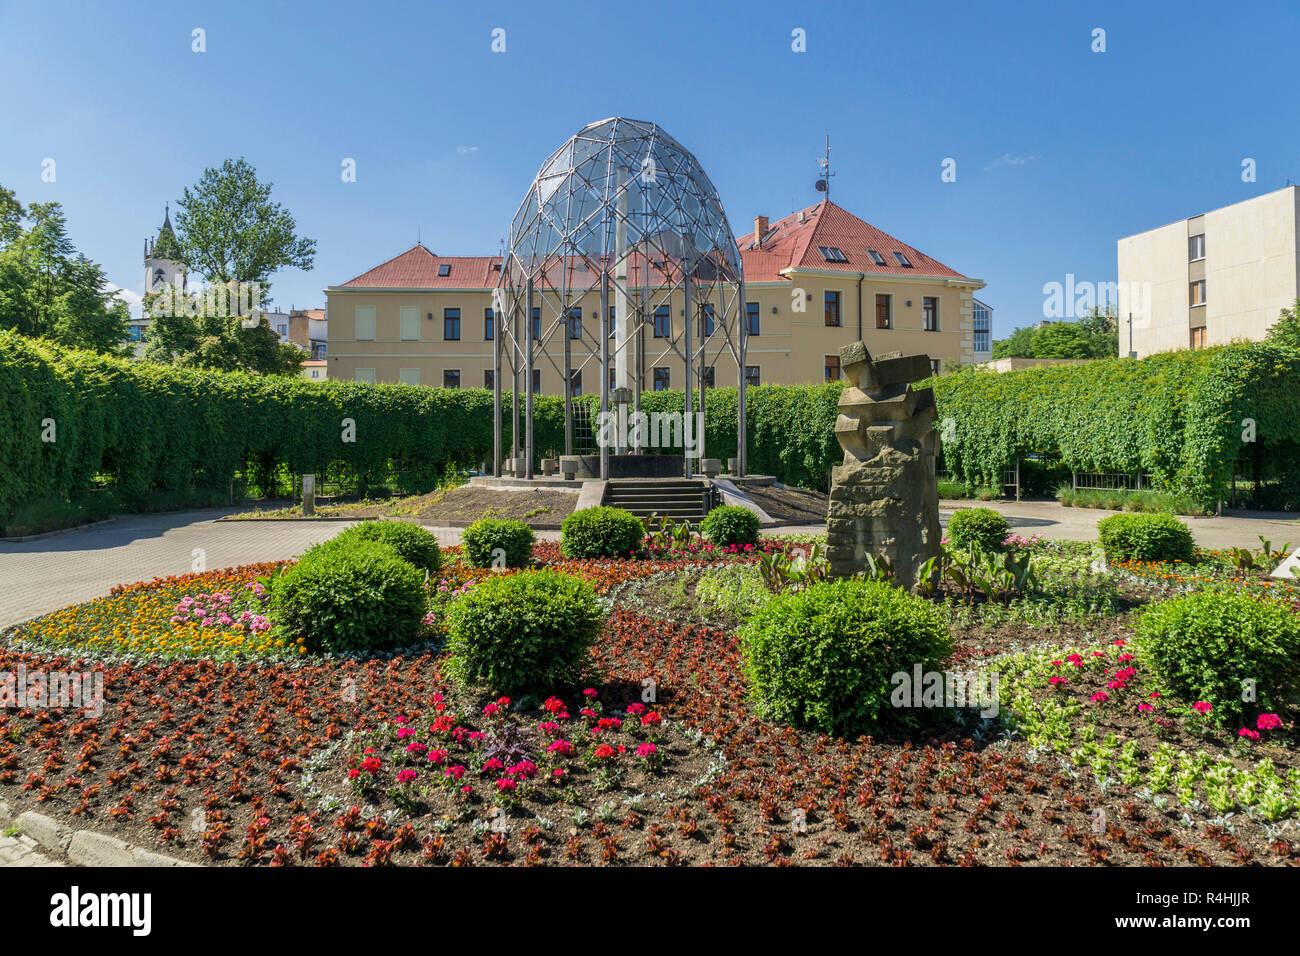 Kurort Teplice, Flower discounts in the Lázensk ý park with Fontána Mírové, Blumenrabatte im Lázenský park mit Fontána Mírové - Stock Image